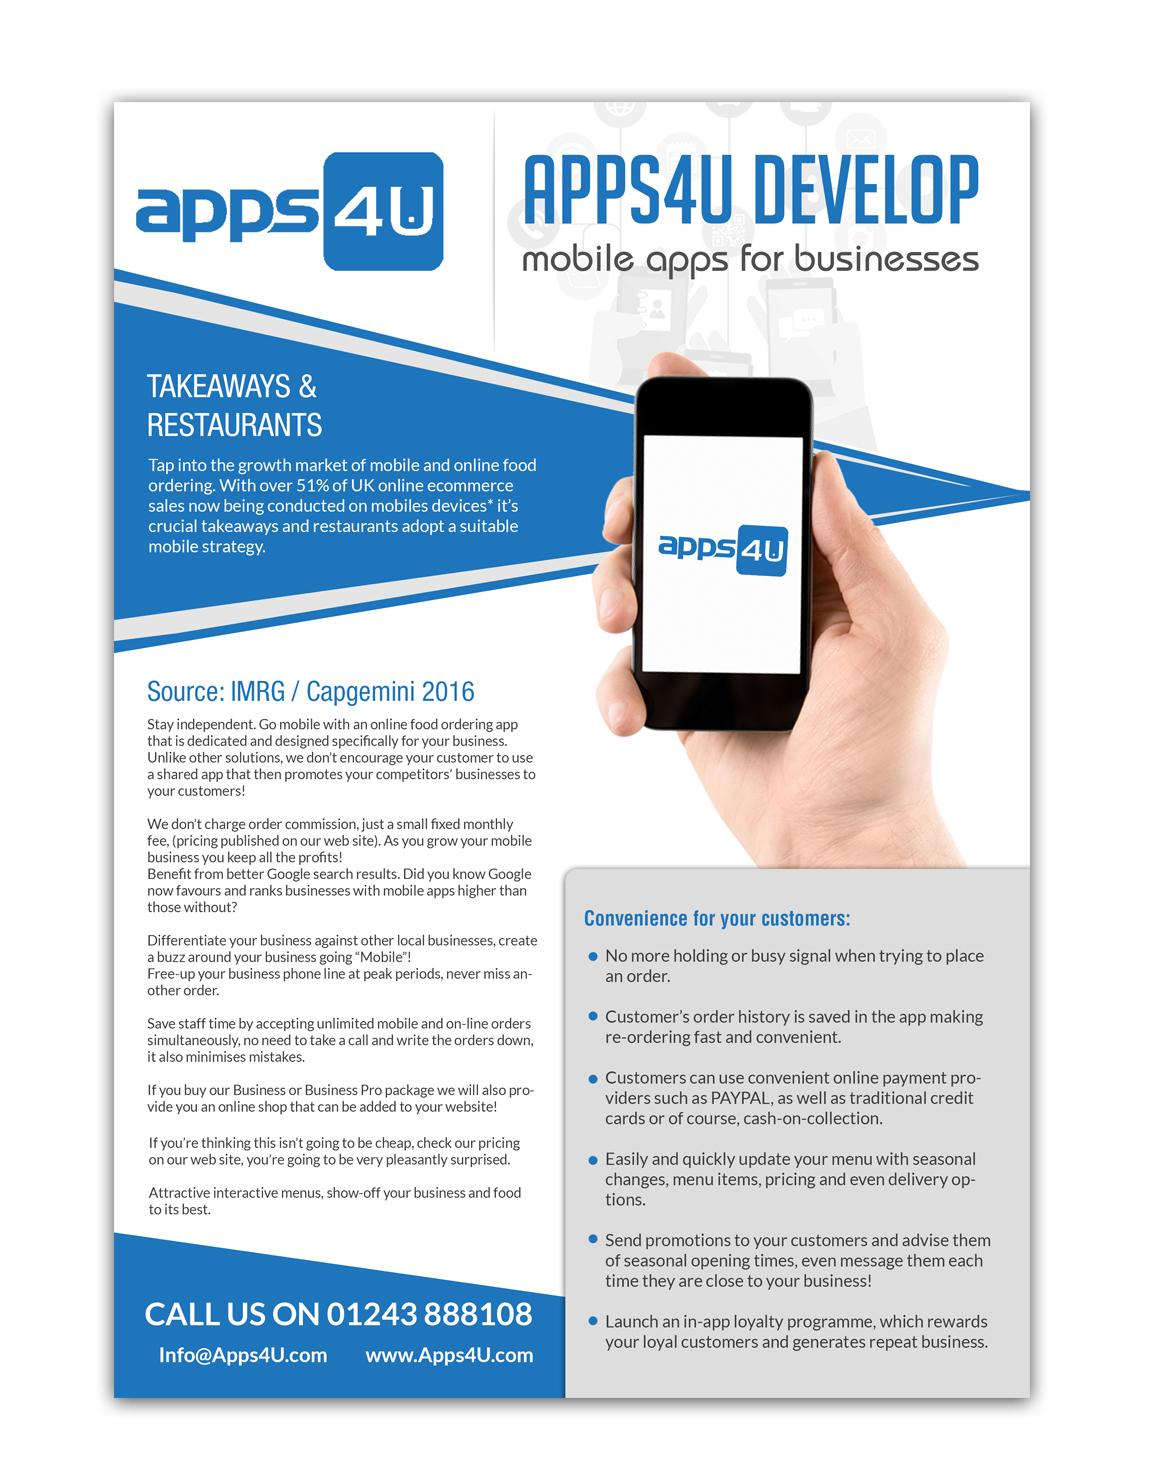 modern playful flyer design for apps4u by hih7 design 13371243